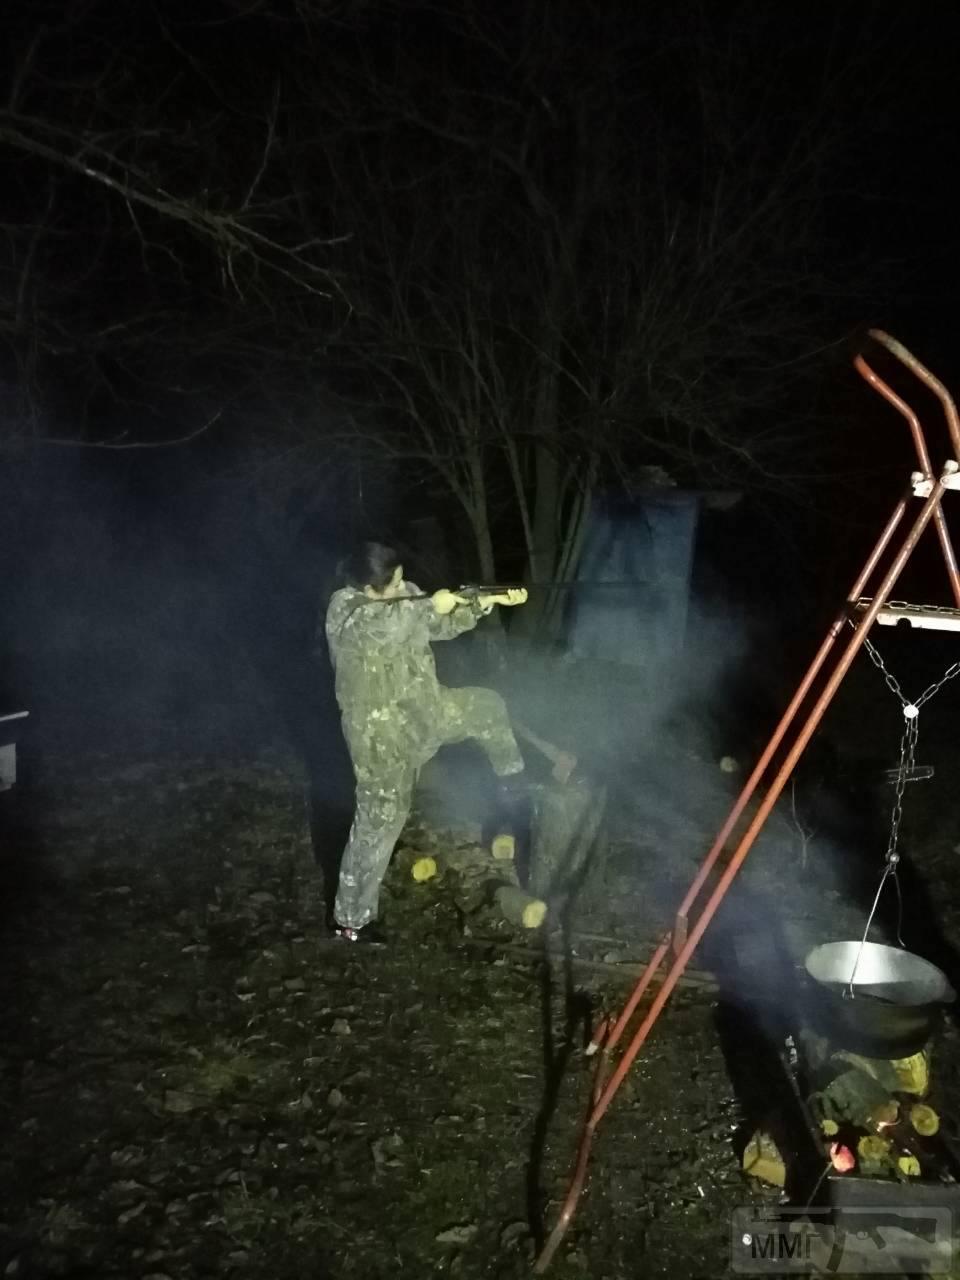 29422 - Закуски на огне (мангал, барбекю и т.д.) и кулинария вообще. Советы и рецепты.